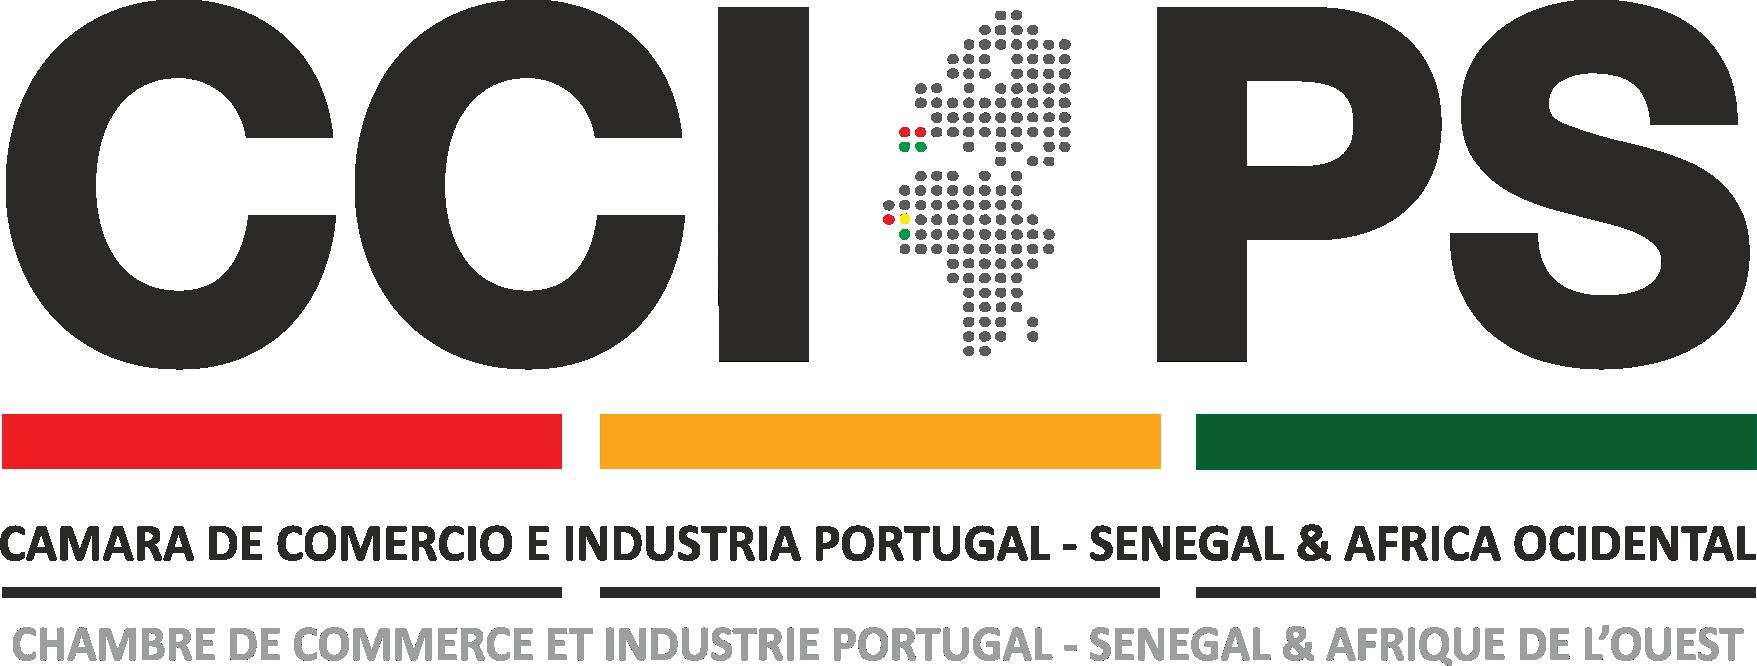 Câmara de Comércio e Indústria Portugal - Senegal & Africa Ocidental